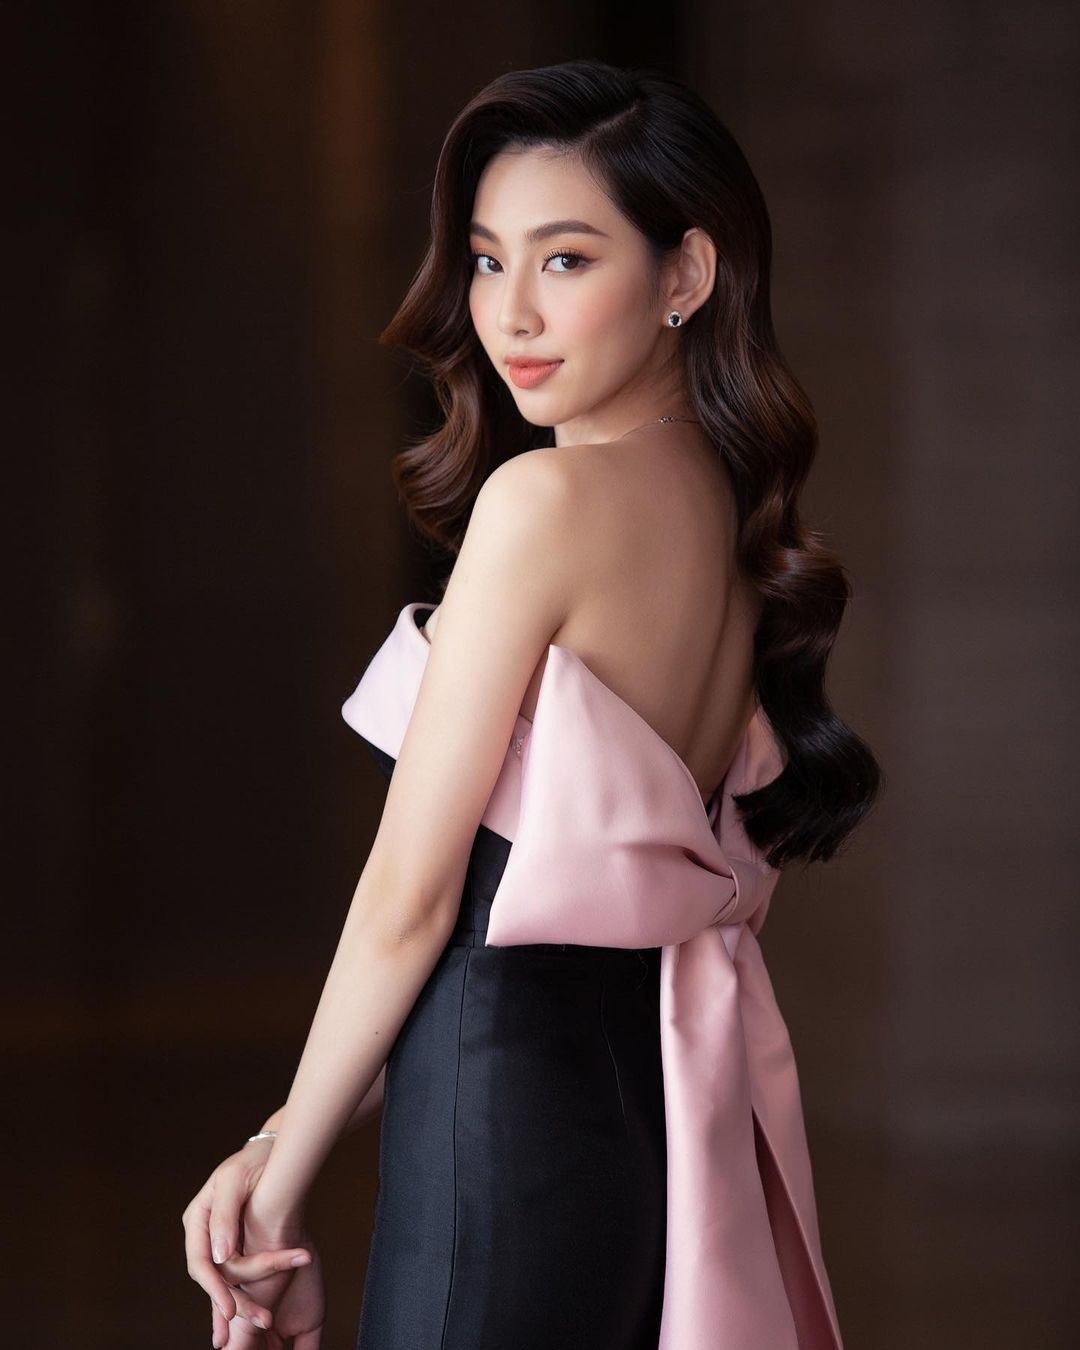 Miss Grand Việt Nam 2021 Nguyễn Thúc Thùy Tiên - Người đẹp mang tiếng 'xé giấy nợ' 1,5 tỷ là ai? 9